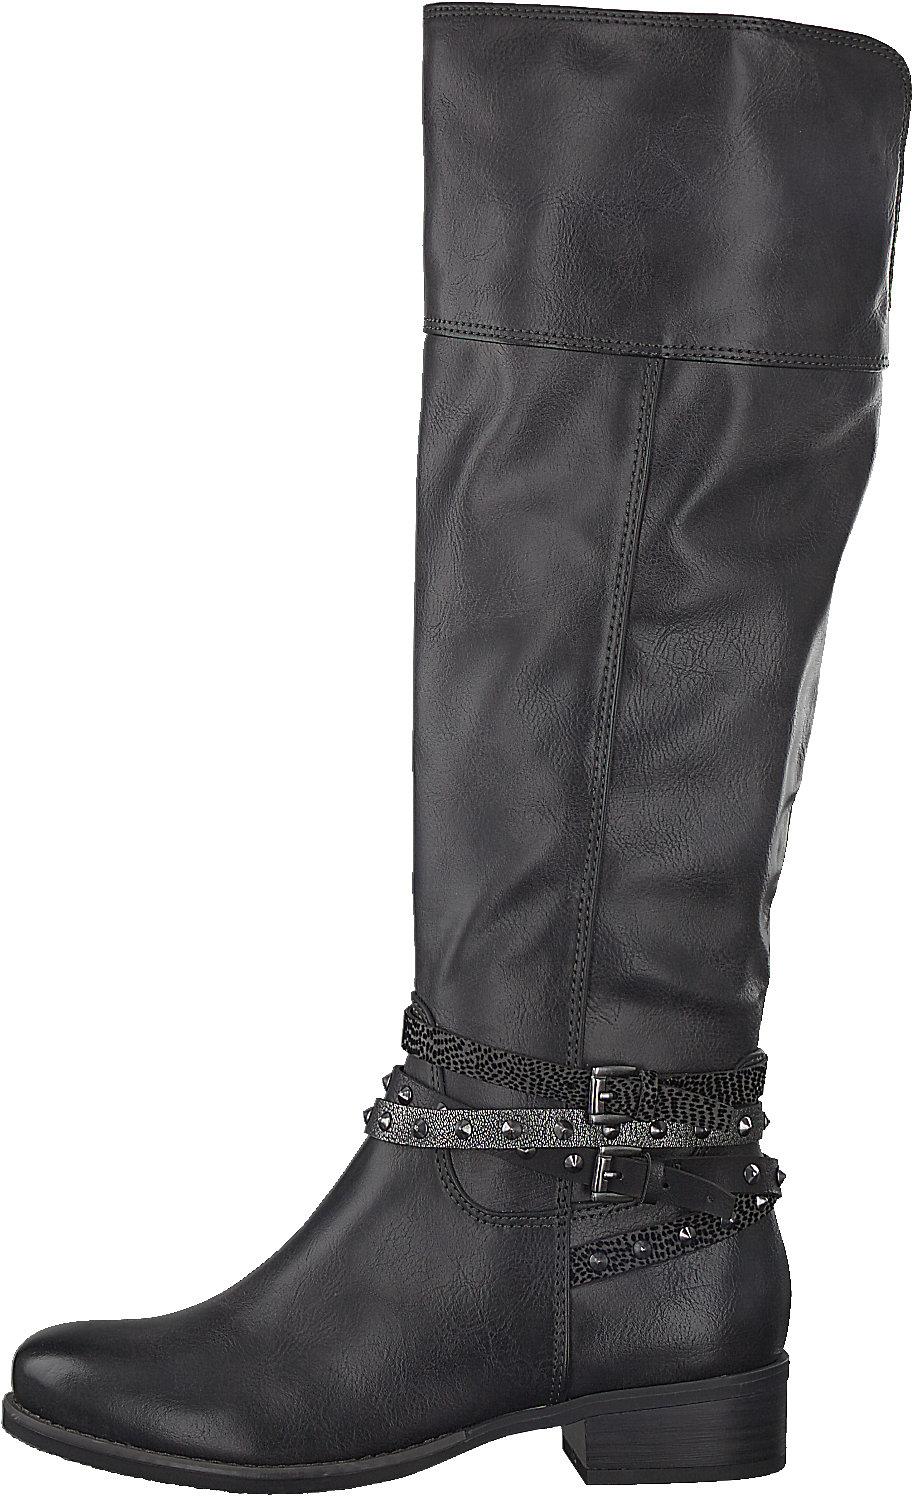 Details zu Neu MARCO TOZZI Stiefel 6993090 für Damen dunkelgrau grau